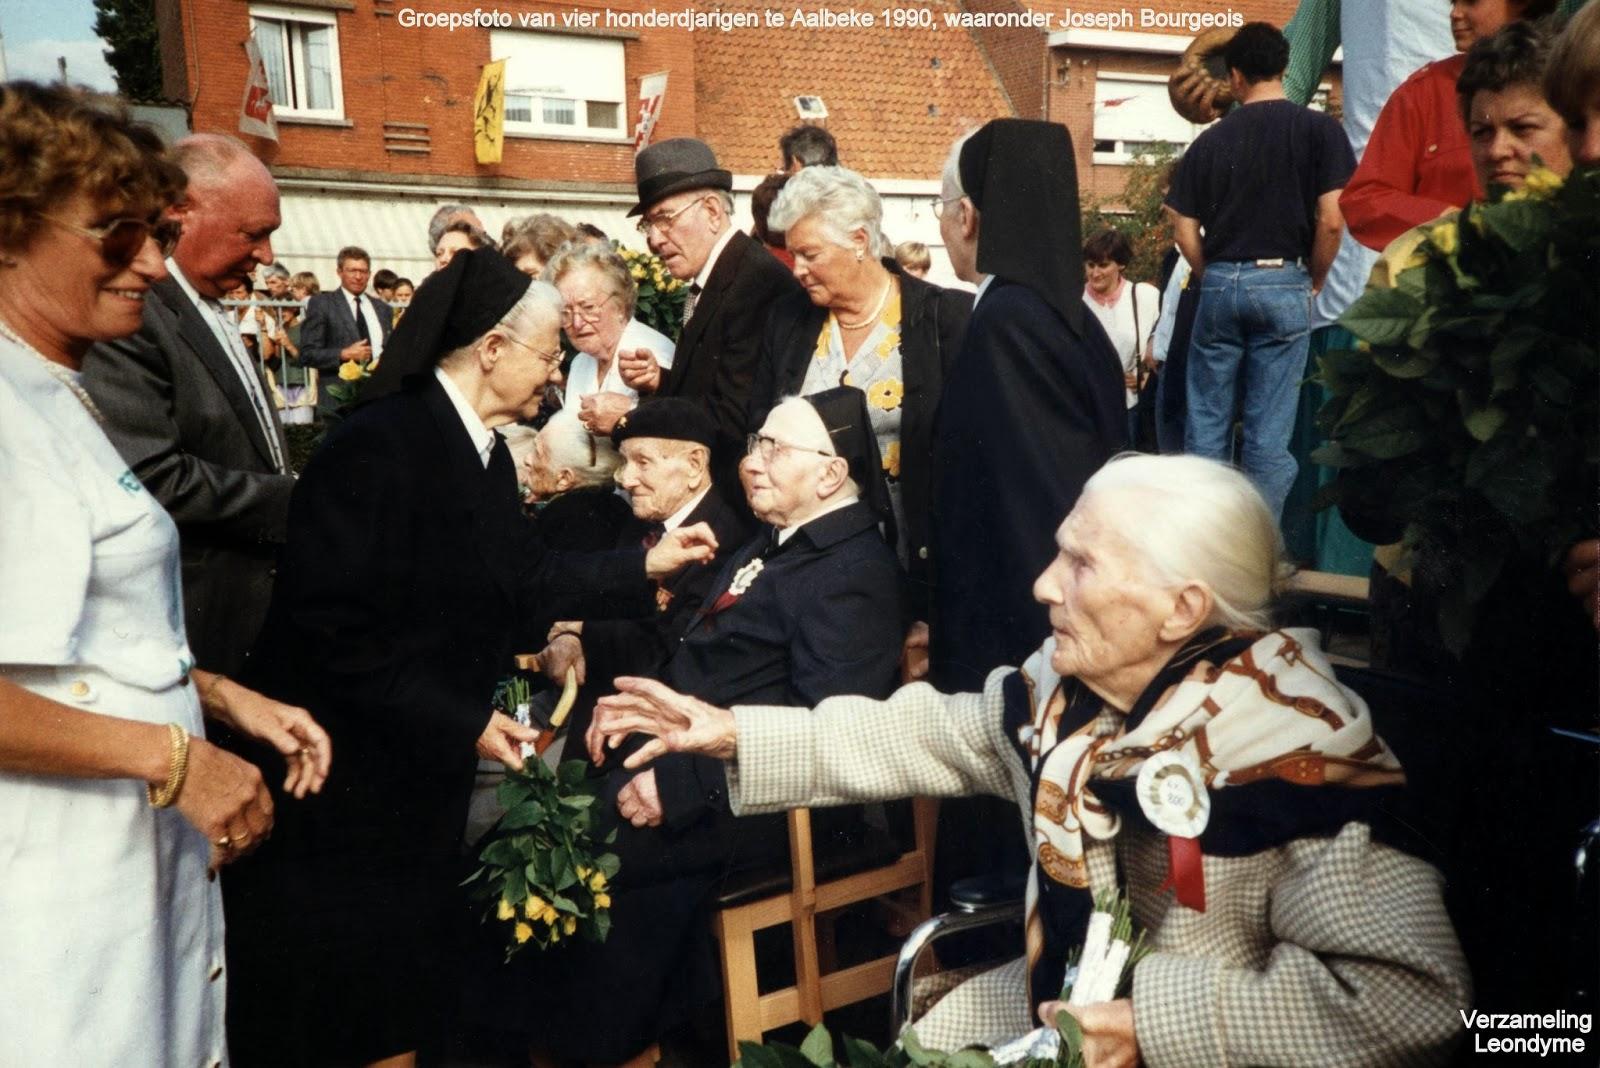 Eeuwelingenfeest te Aalbeke op 18 augustus 1990. Zittend vlnr.: Elvire Gernaey (1890-1991), Joseph Bourgeois (1890-1992), zuster Marie-Madelberte (1890-1991) en Verhaeghe Rachel (1890-1993)